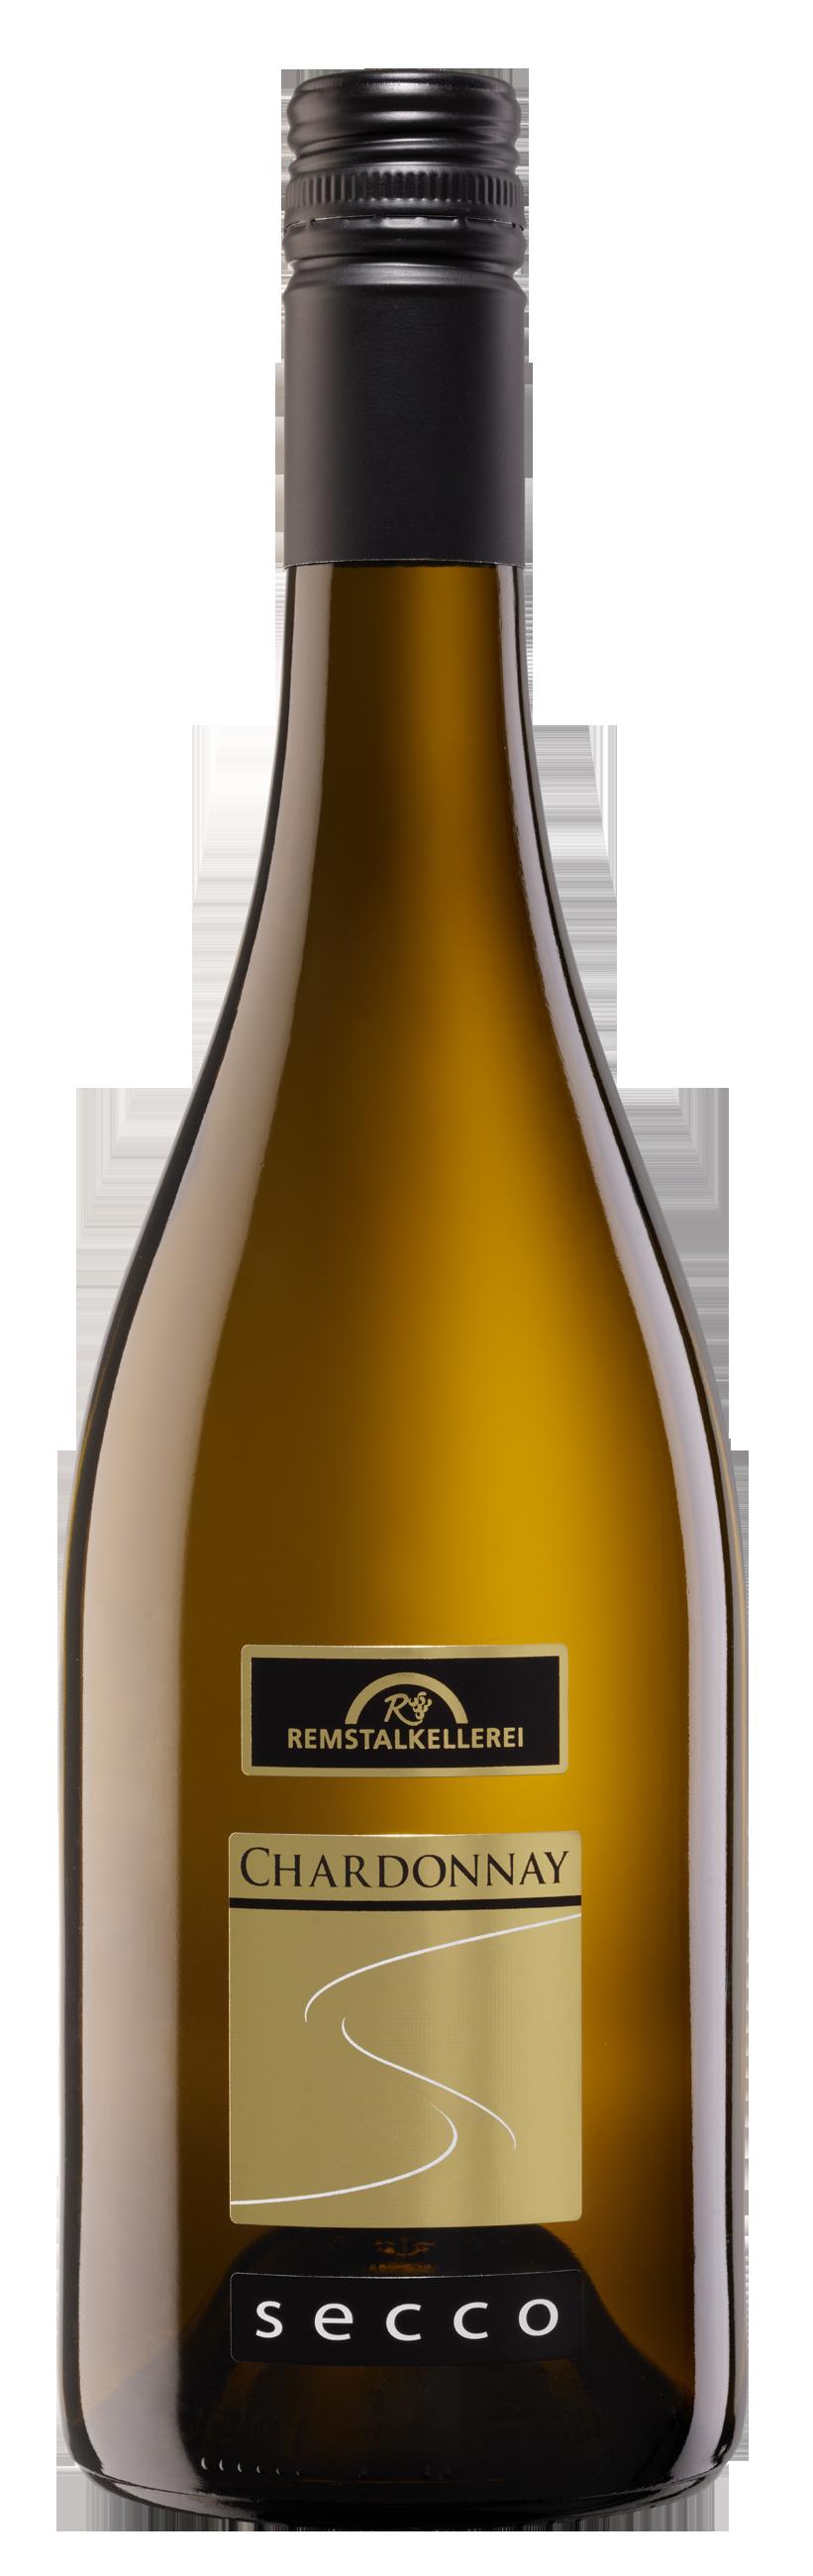 Chardonnay Secco